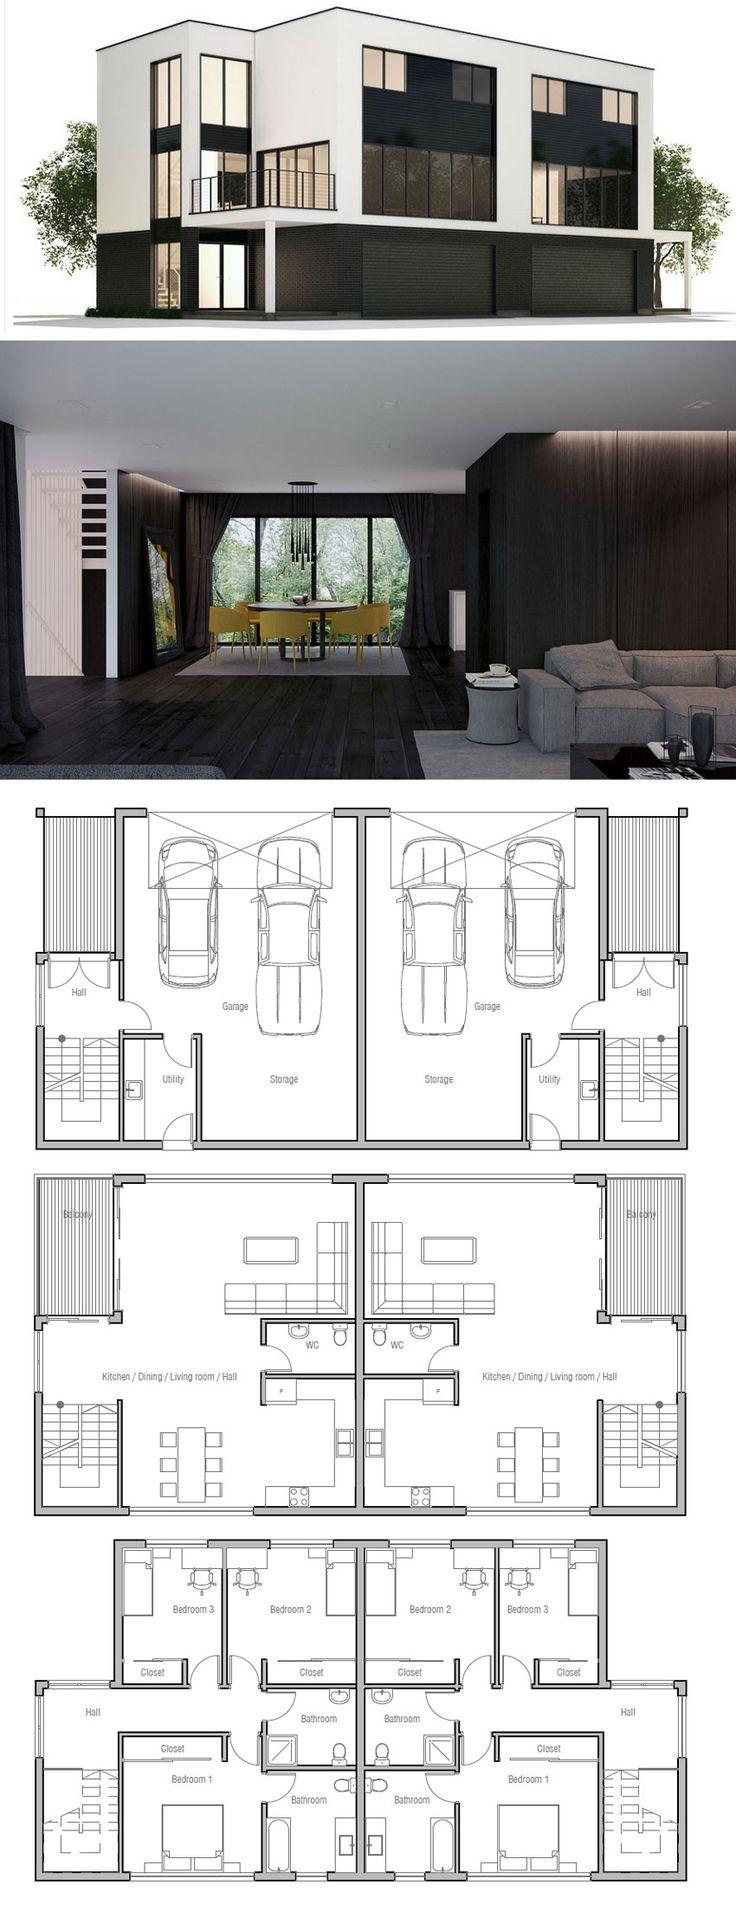 The 25+ best Duplex house plans ideas on Pinterest   Duplex plans ...